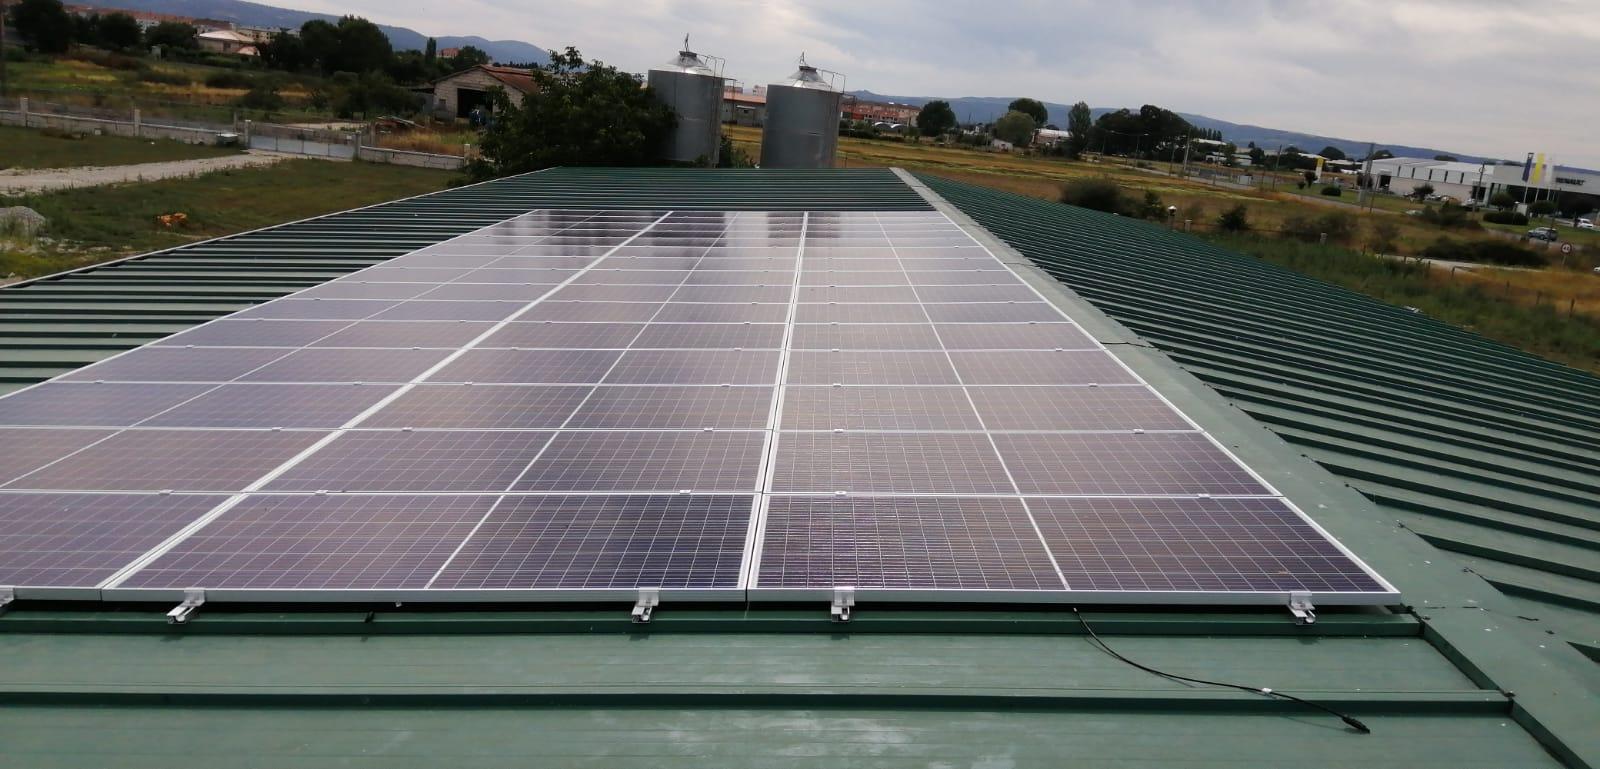 Fotovoltaica granja de galicia